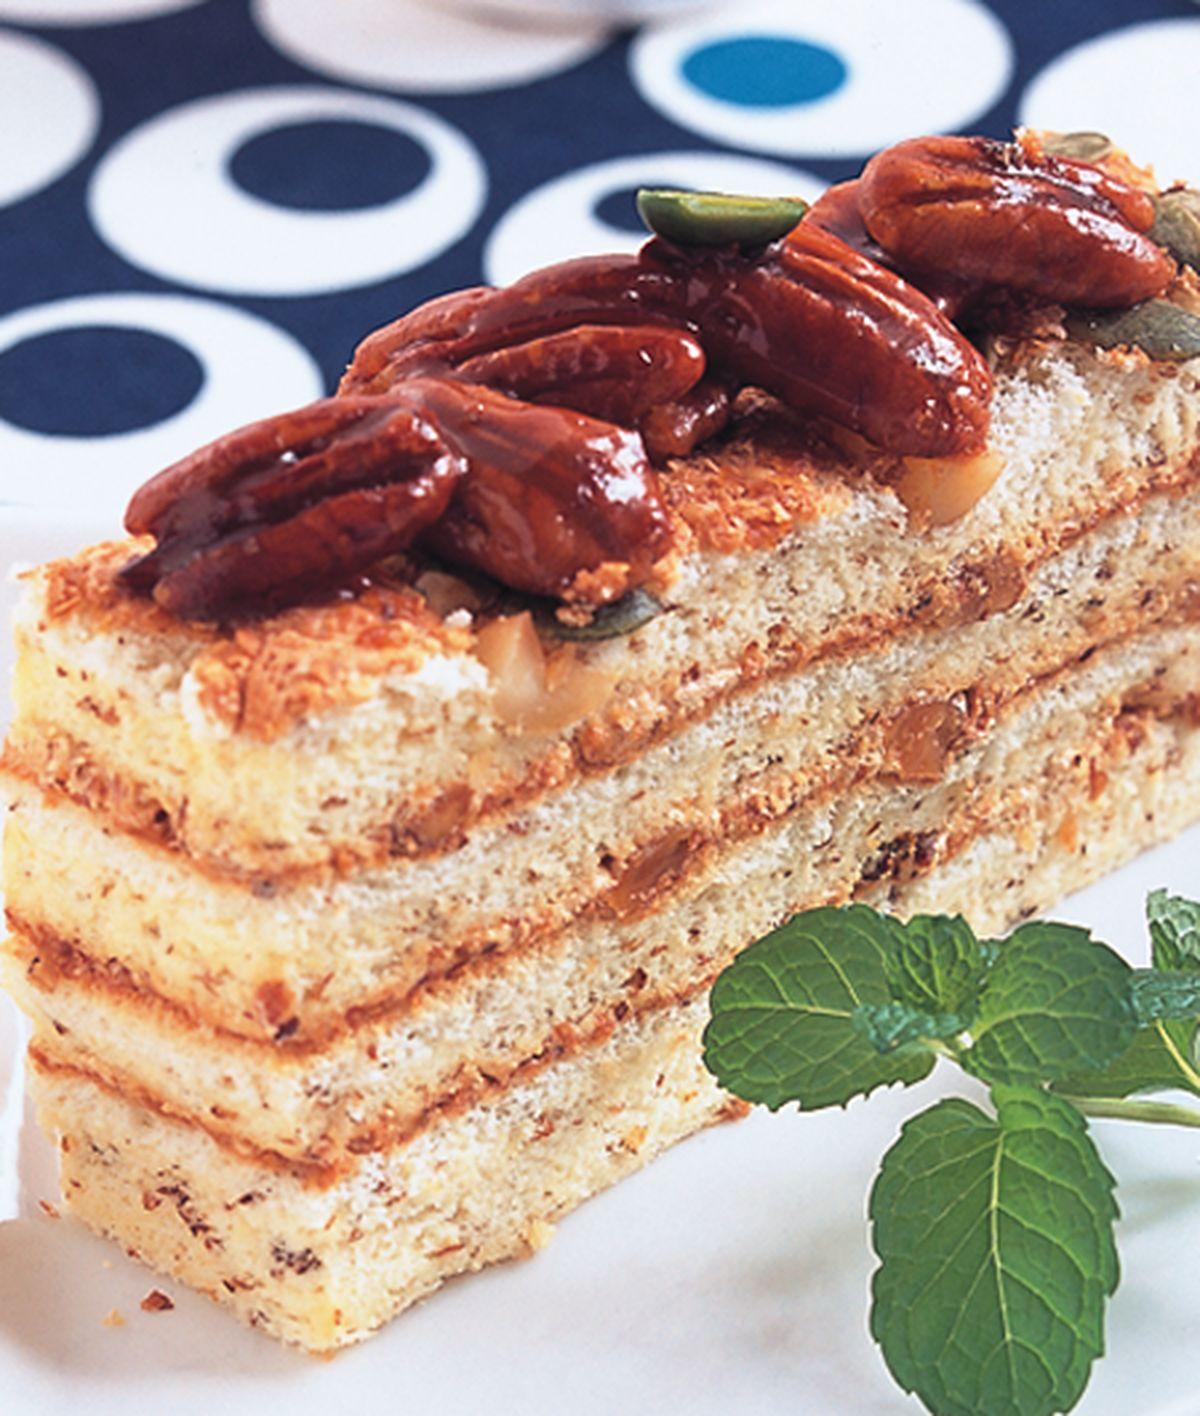 食譜:堅果胚芽戚風蛋糕